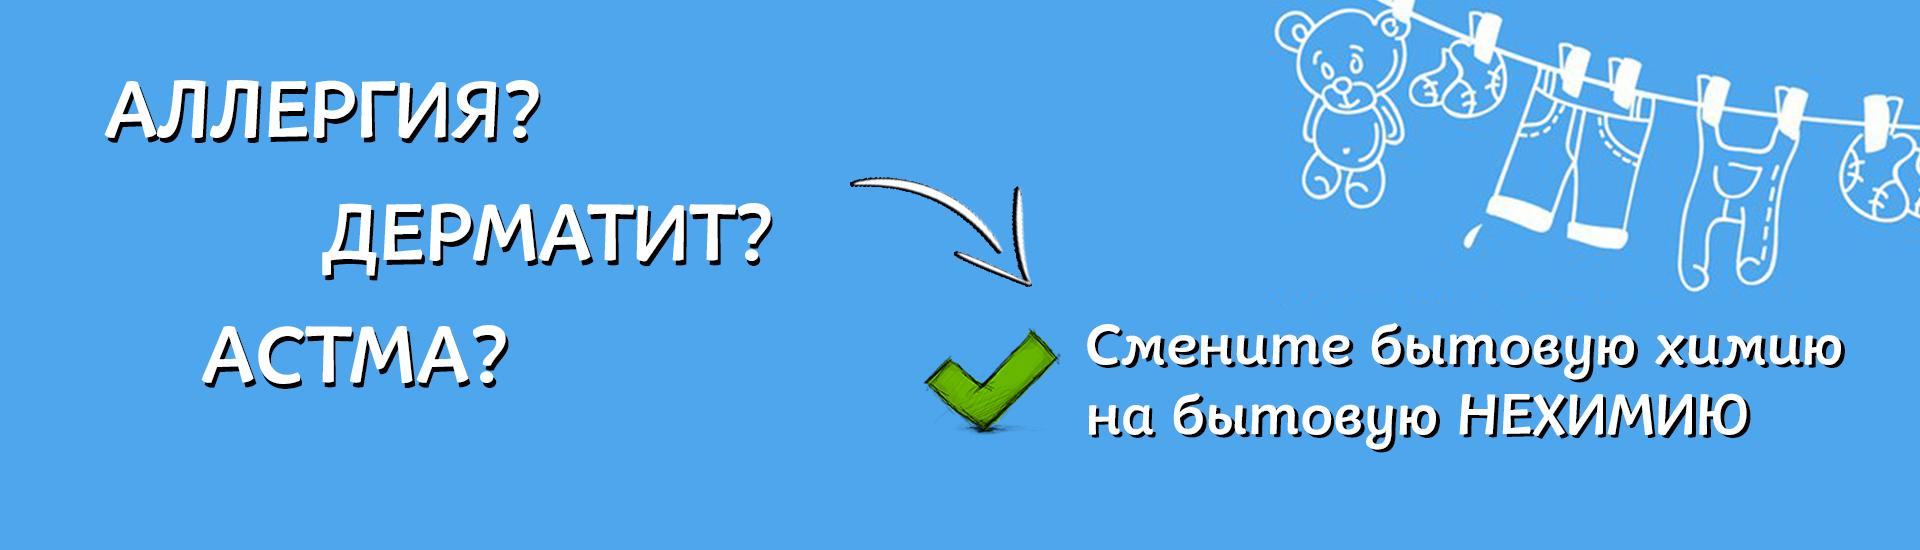 син1.jpg